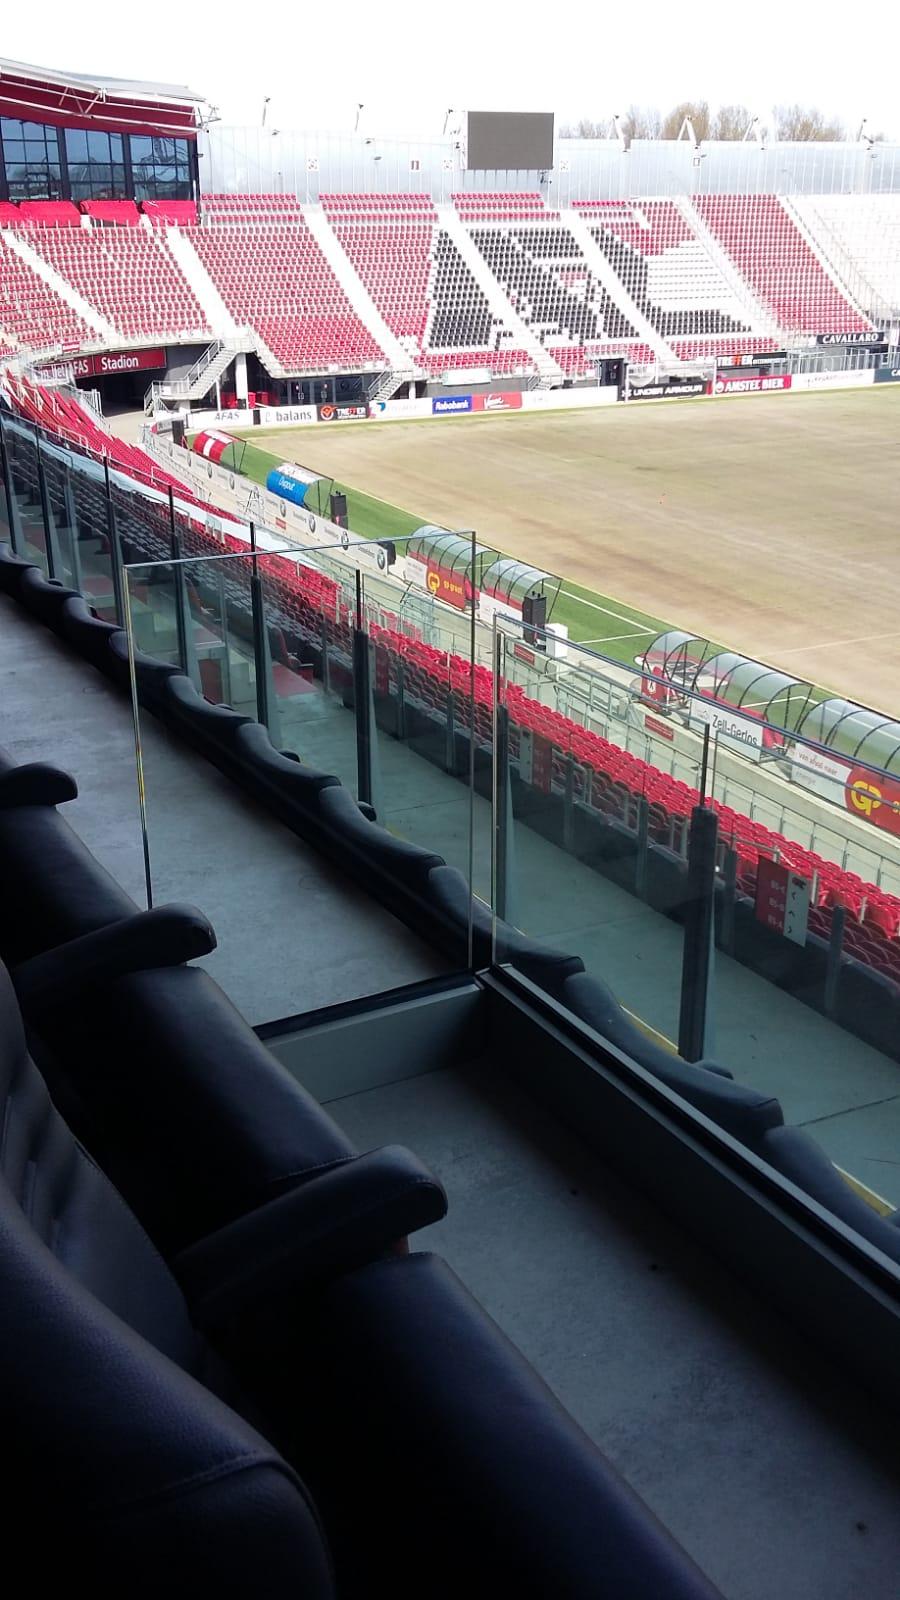 Glazen balustrade AFAS stadion